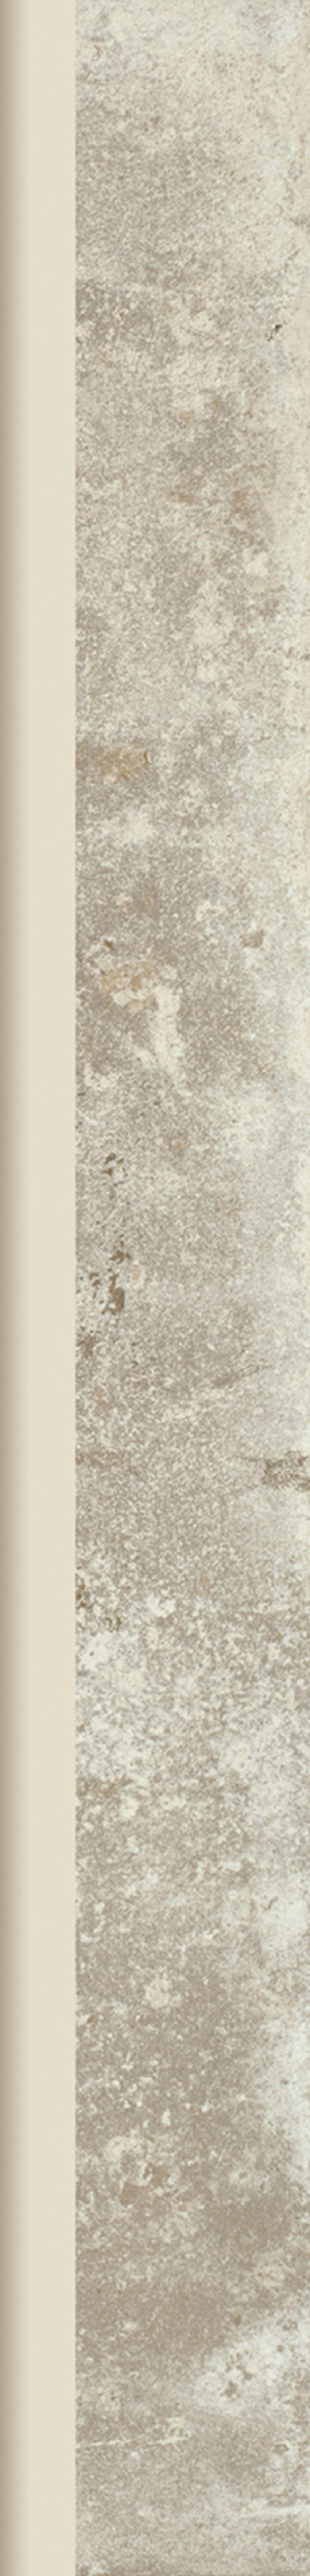 Płytka cokołowa 7,2x59,8 cm  Paradyż Trakt Beige Cokół Półpoler